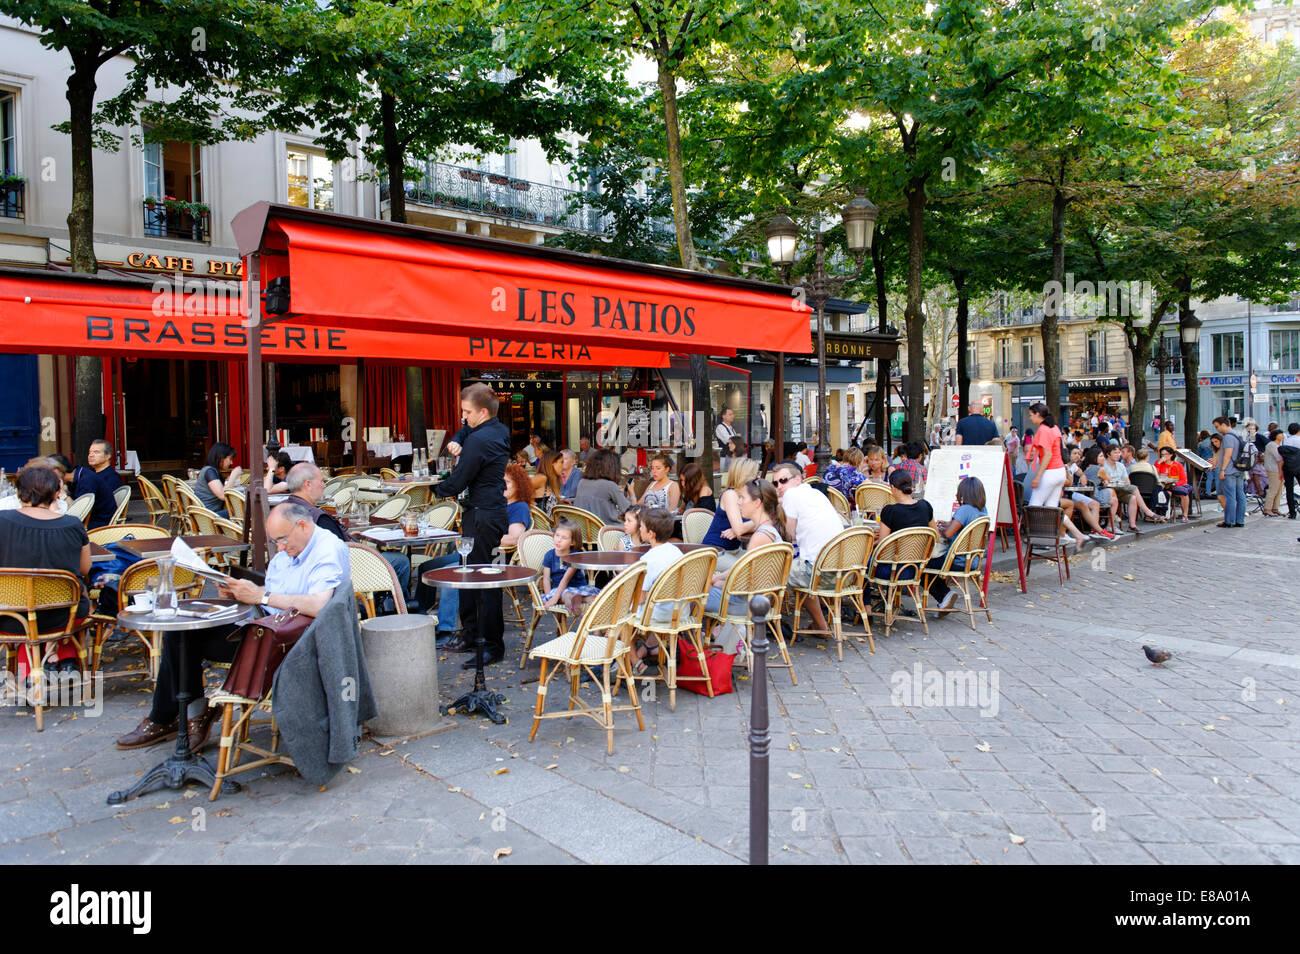 Square with outdoor cafés, Rue des Ecoles, Sorbonne, 5th Arrondissement Latin Quarter, Paris, France - Stock Image